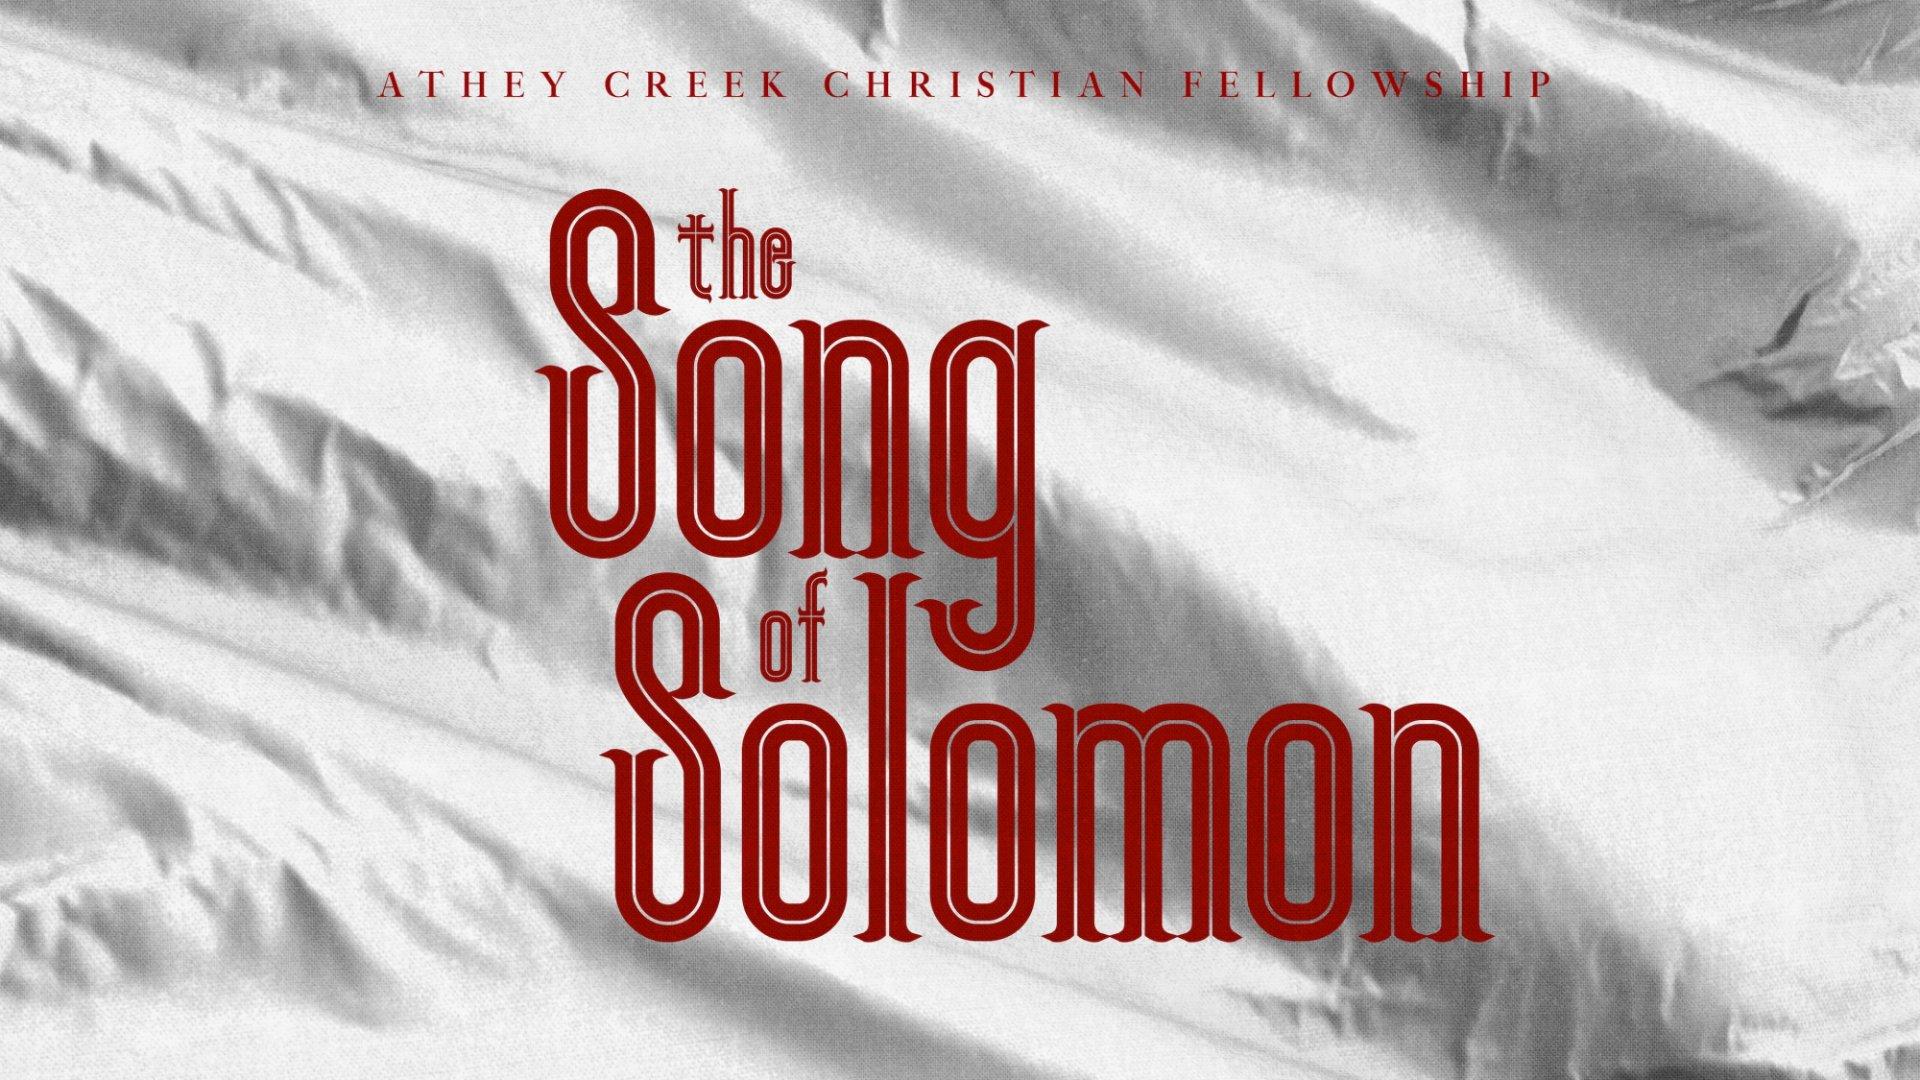 Teaching artwork for Song of Solomon